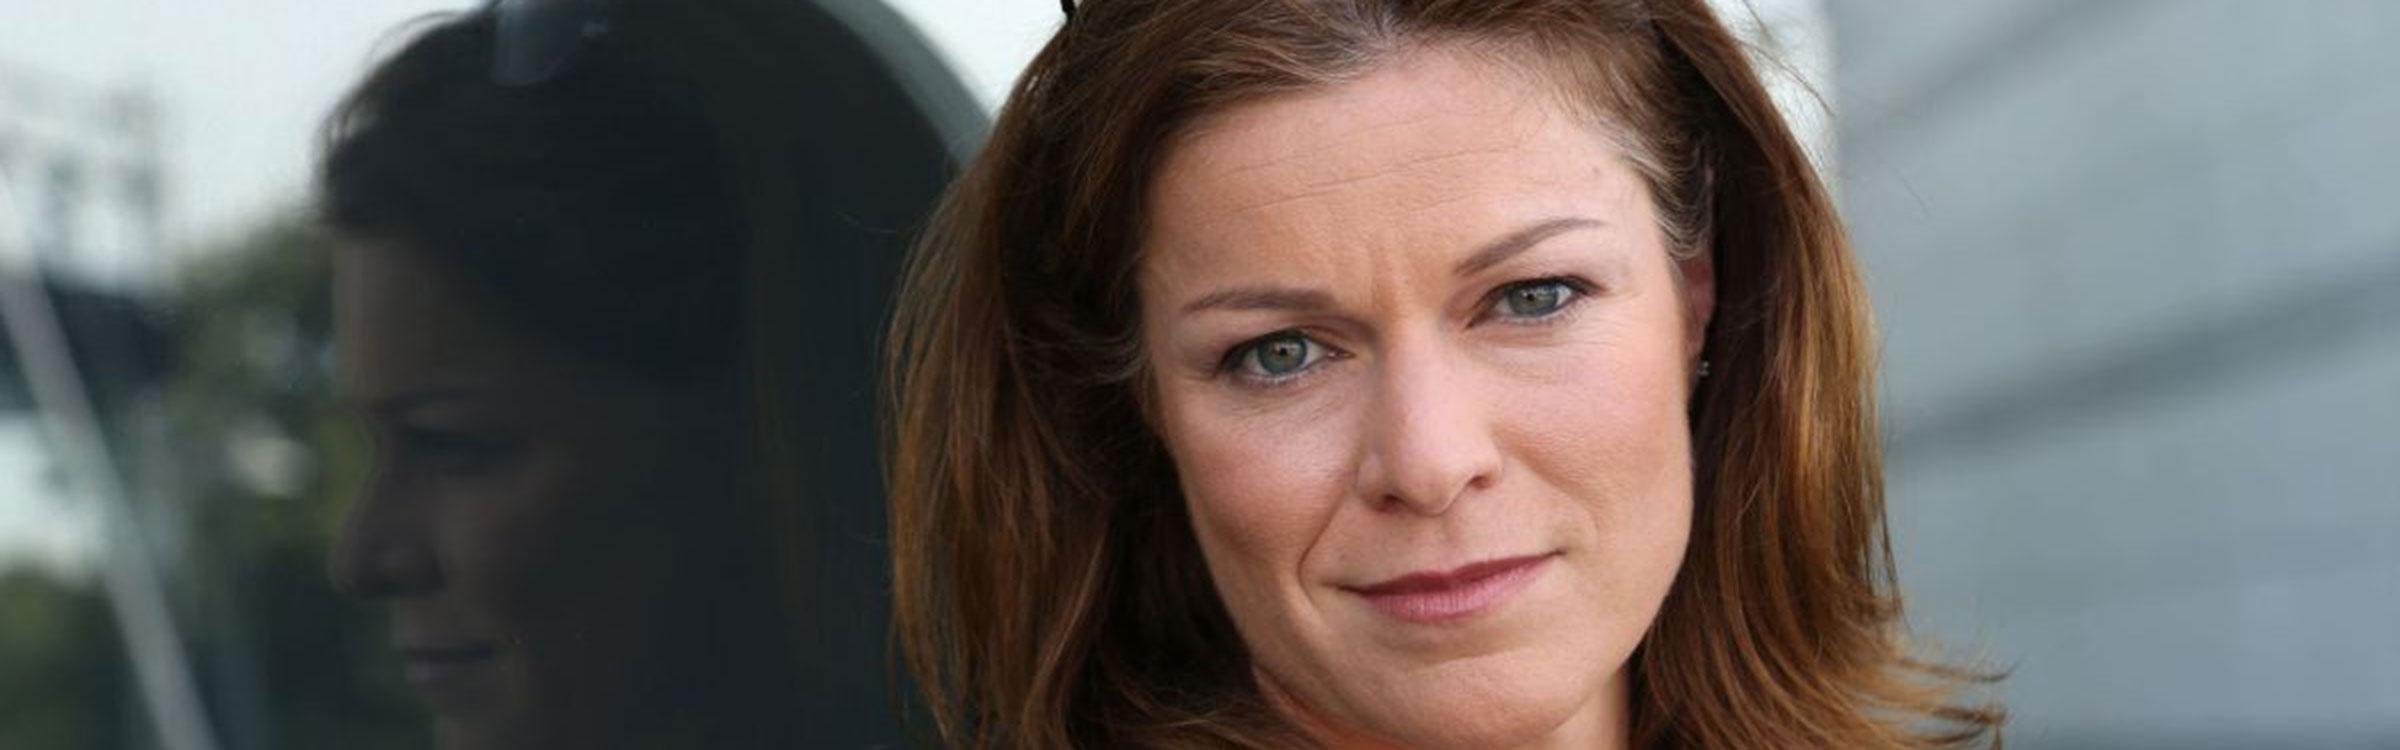 Jill peeters lanceert kledinglijn voor kinderen